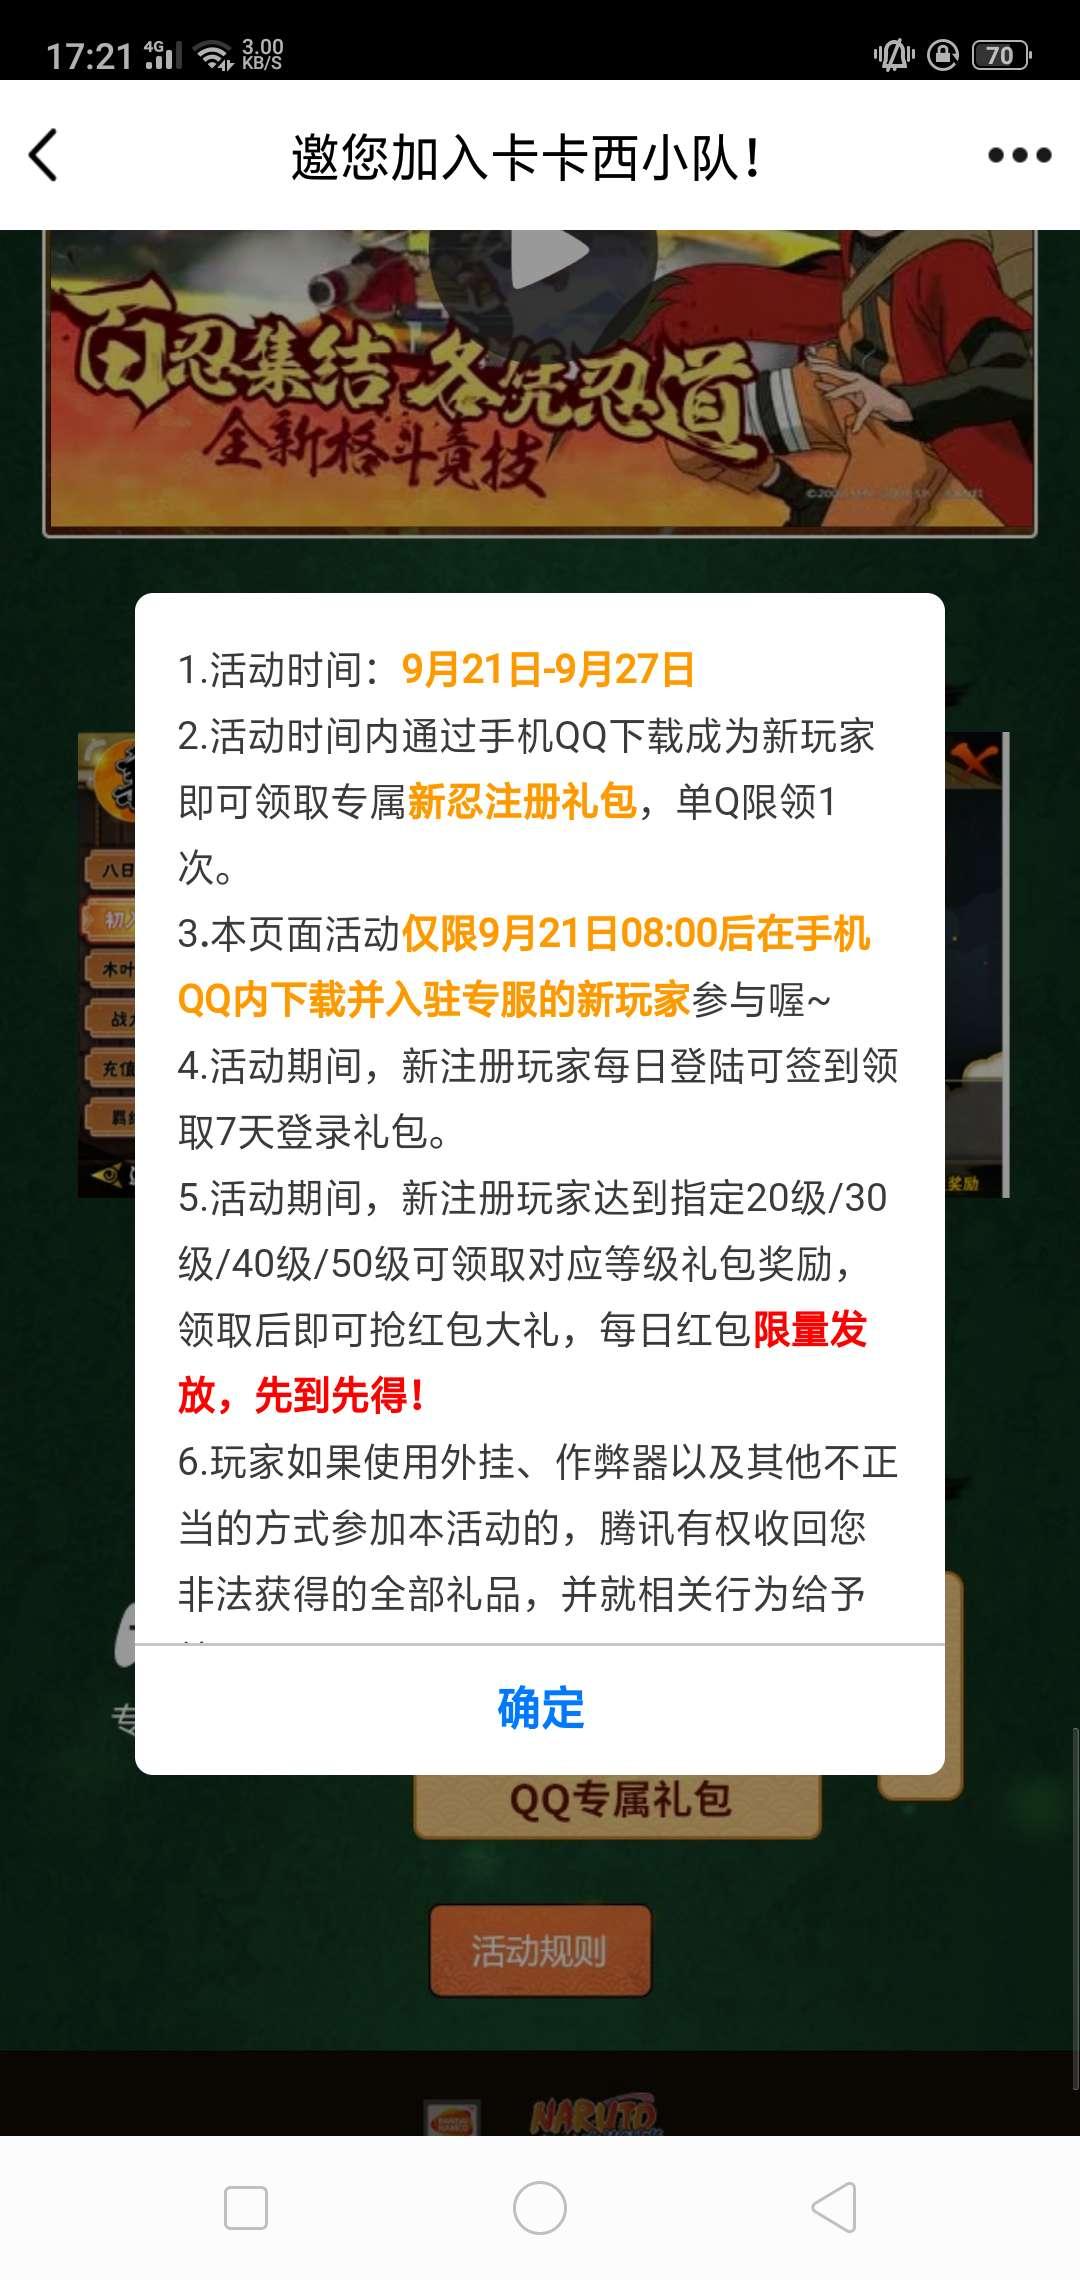 【现金红包】火影忍者升级领QQ红包-100tui.cn